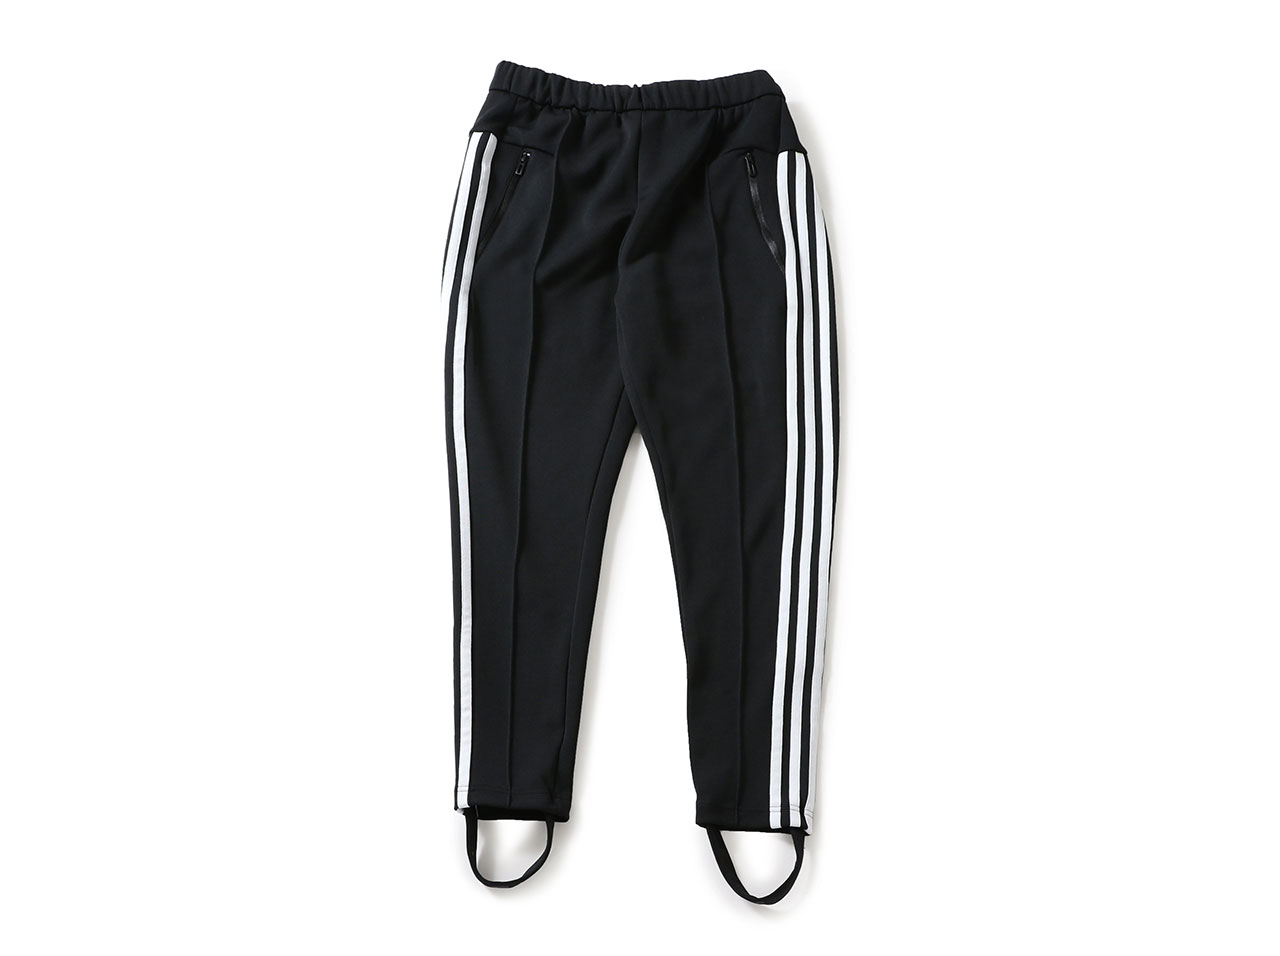 【SALE】adidas ID SWEAT PANTS - BLACK